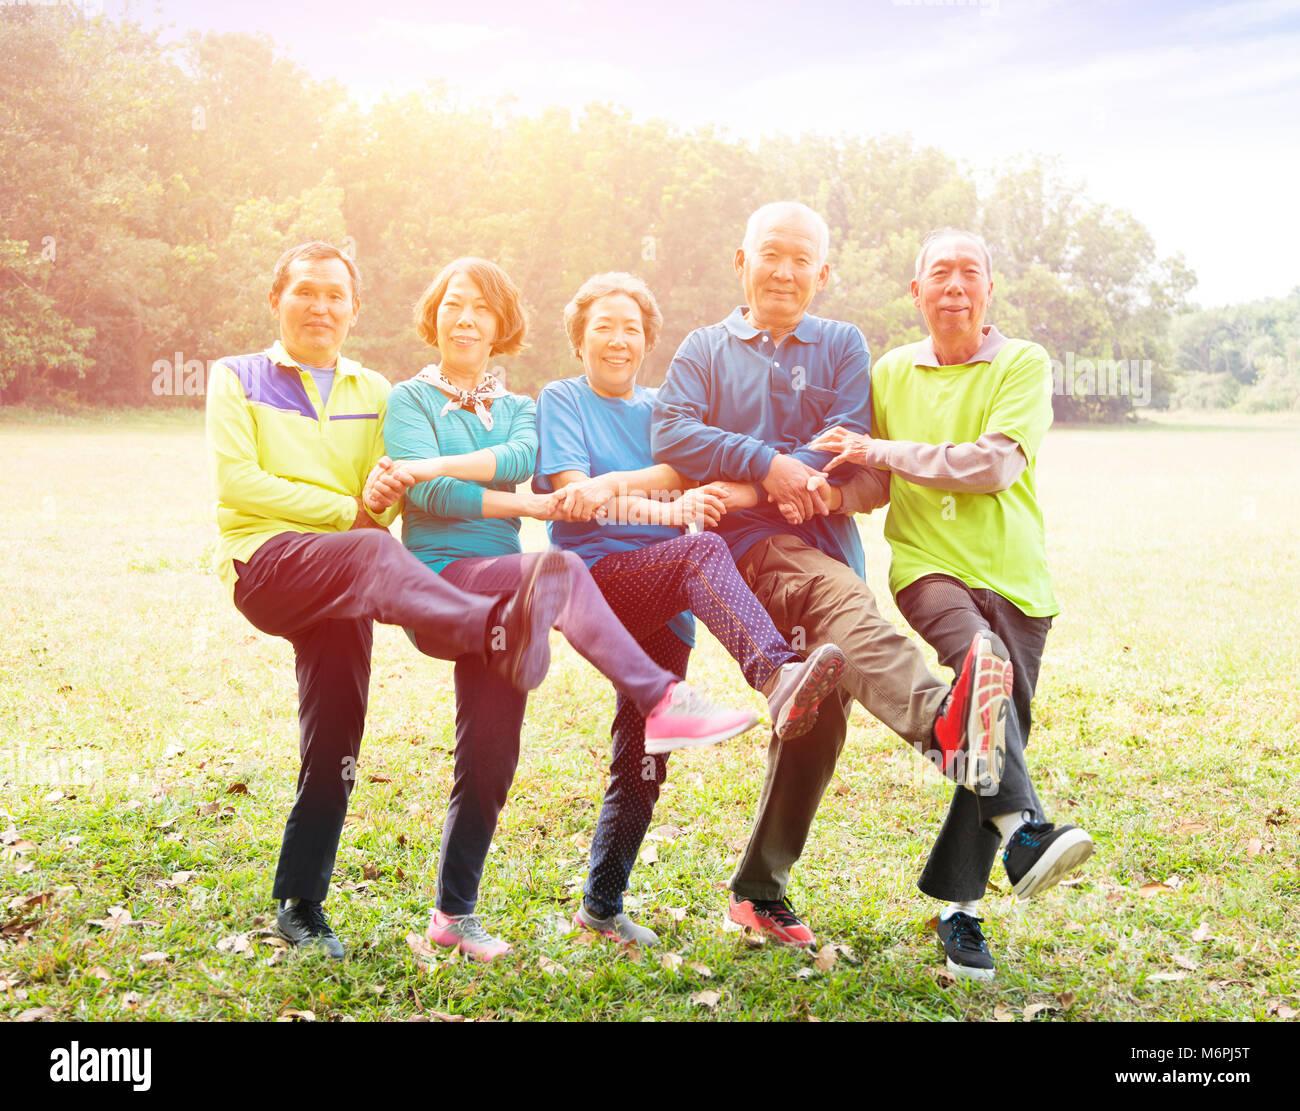 Senior Grupo Amigos del ejercicio y la danza en el parque Imagen De Stock